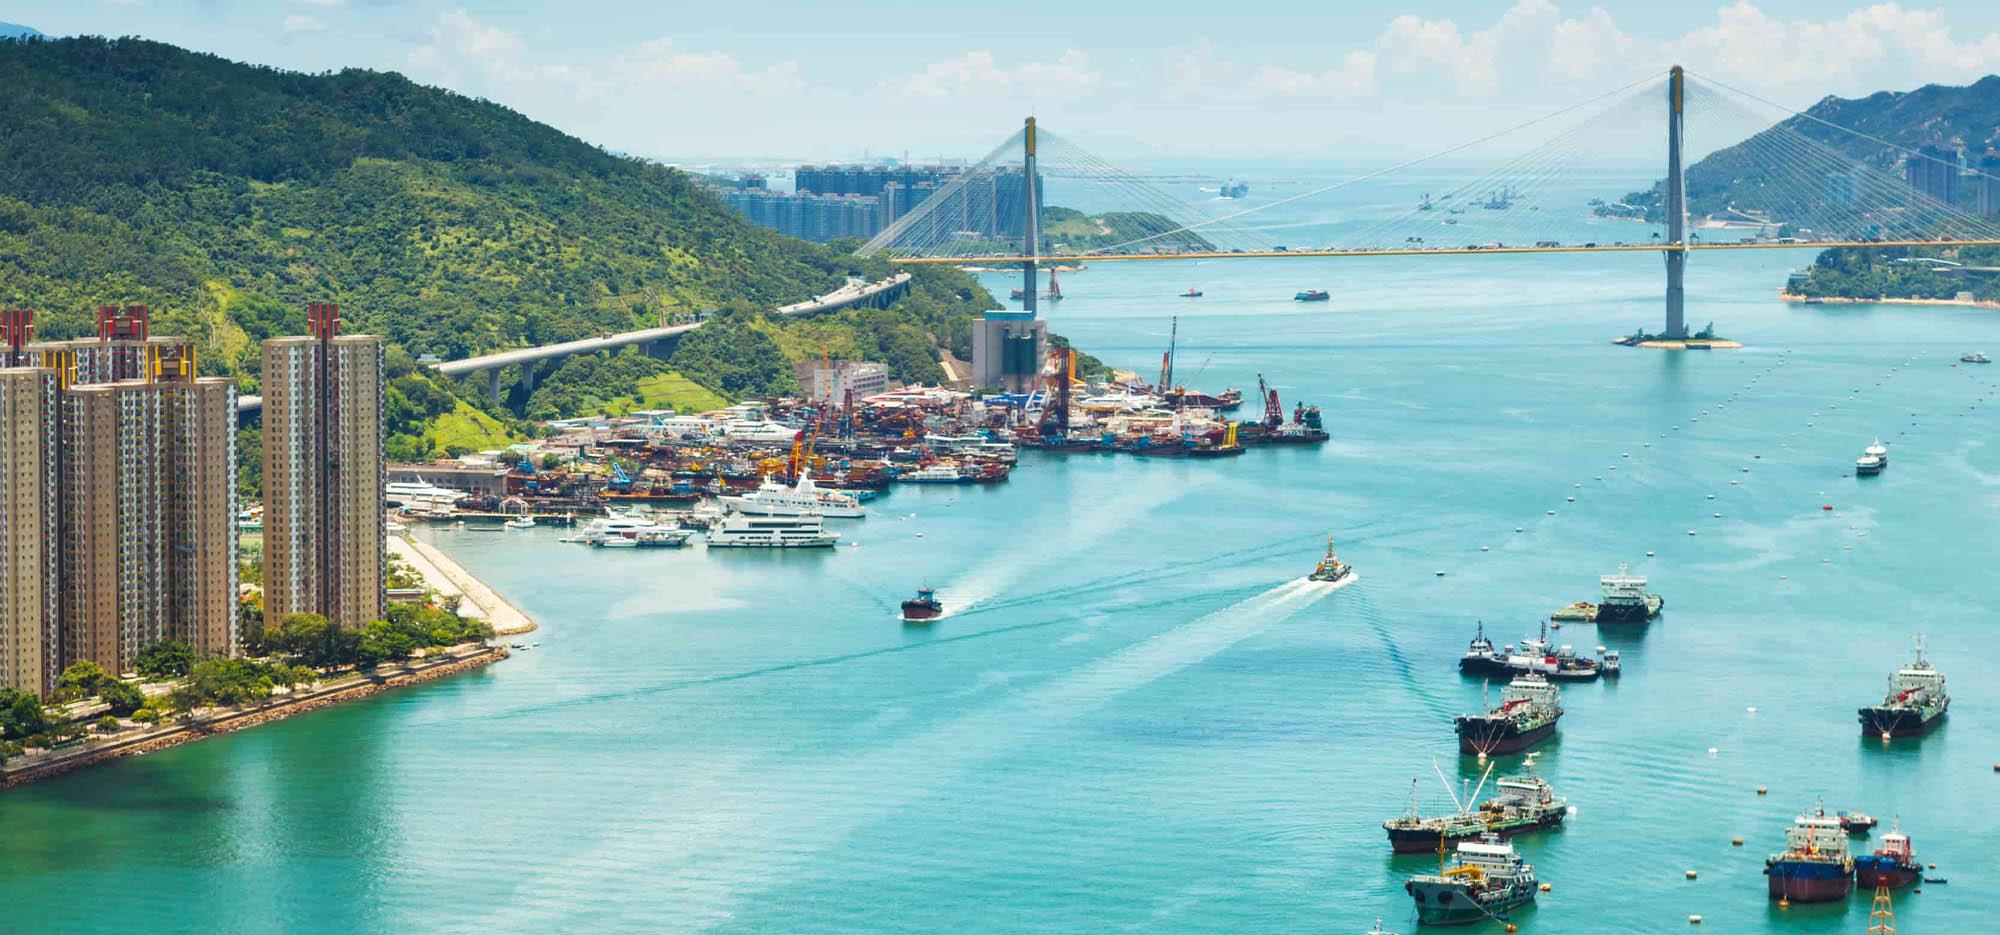 freight ships in hong kong